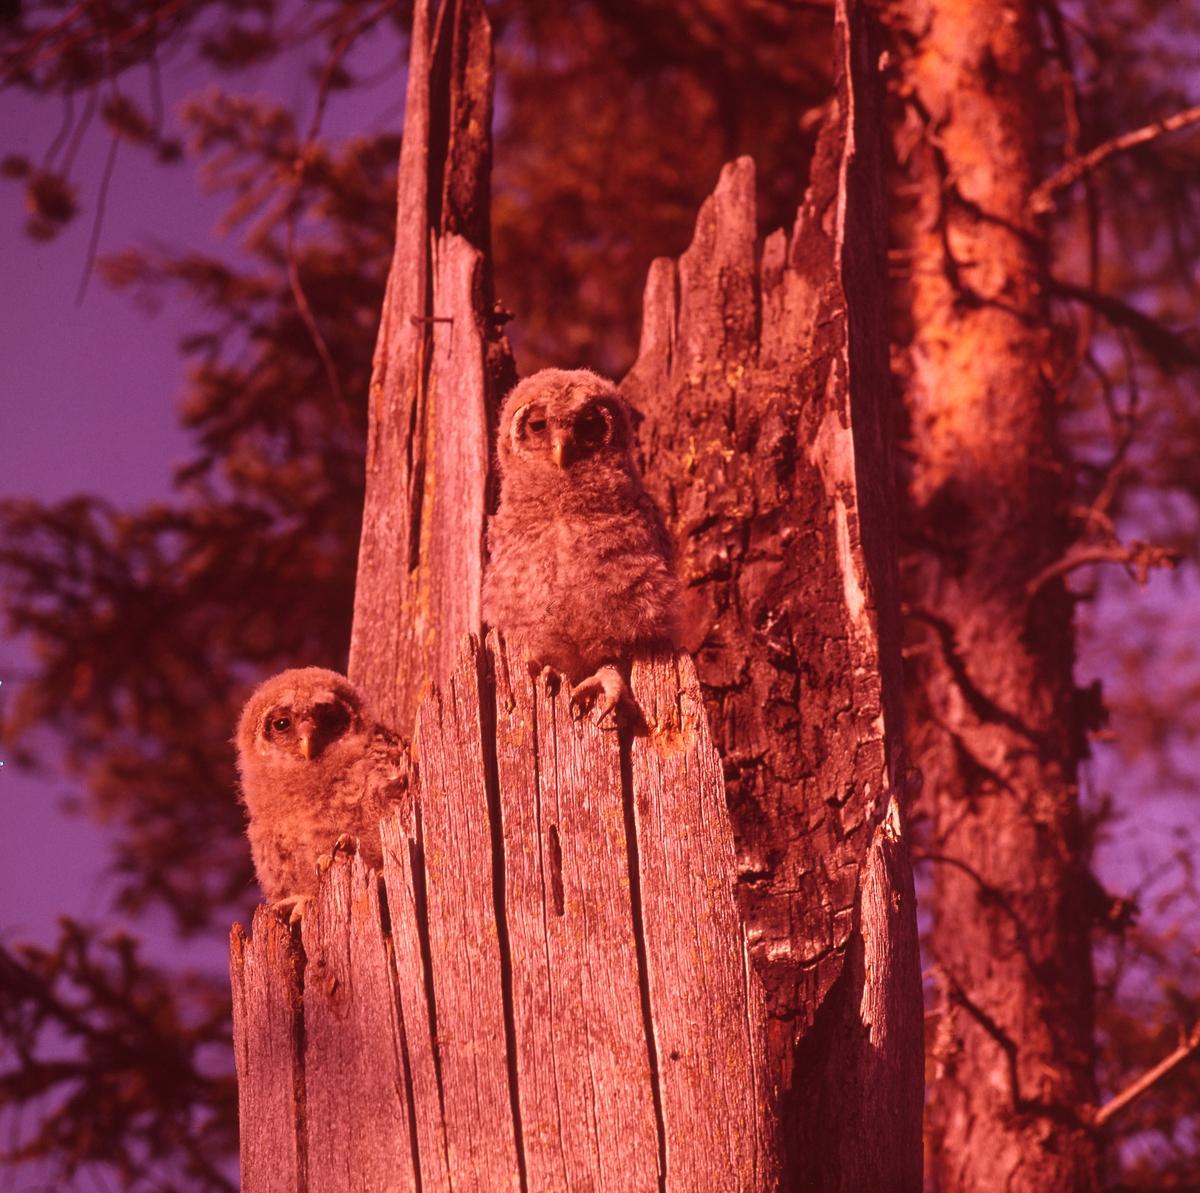 Två uggleungar sitter på kanten till en ihålig trädstam. Tallar i bakgrunden.